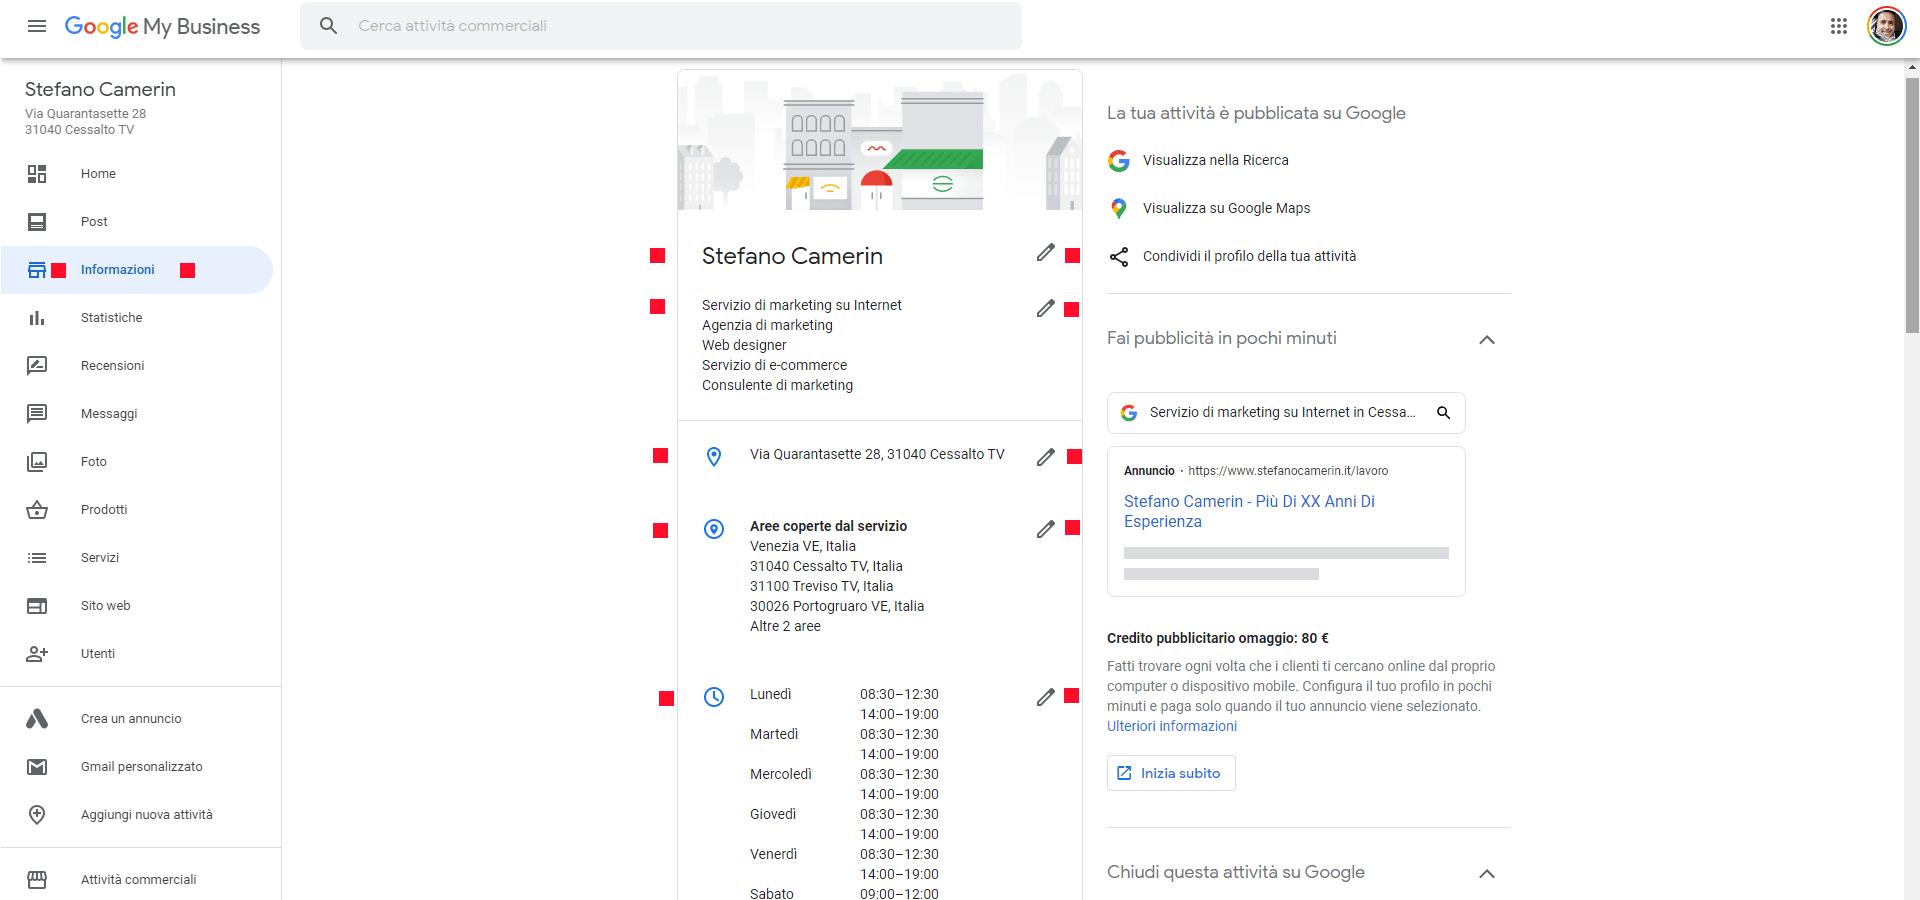 Screenshot della sezione sinistra di Google My Business per inserire informazioni aziendali